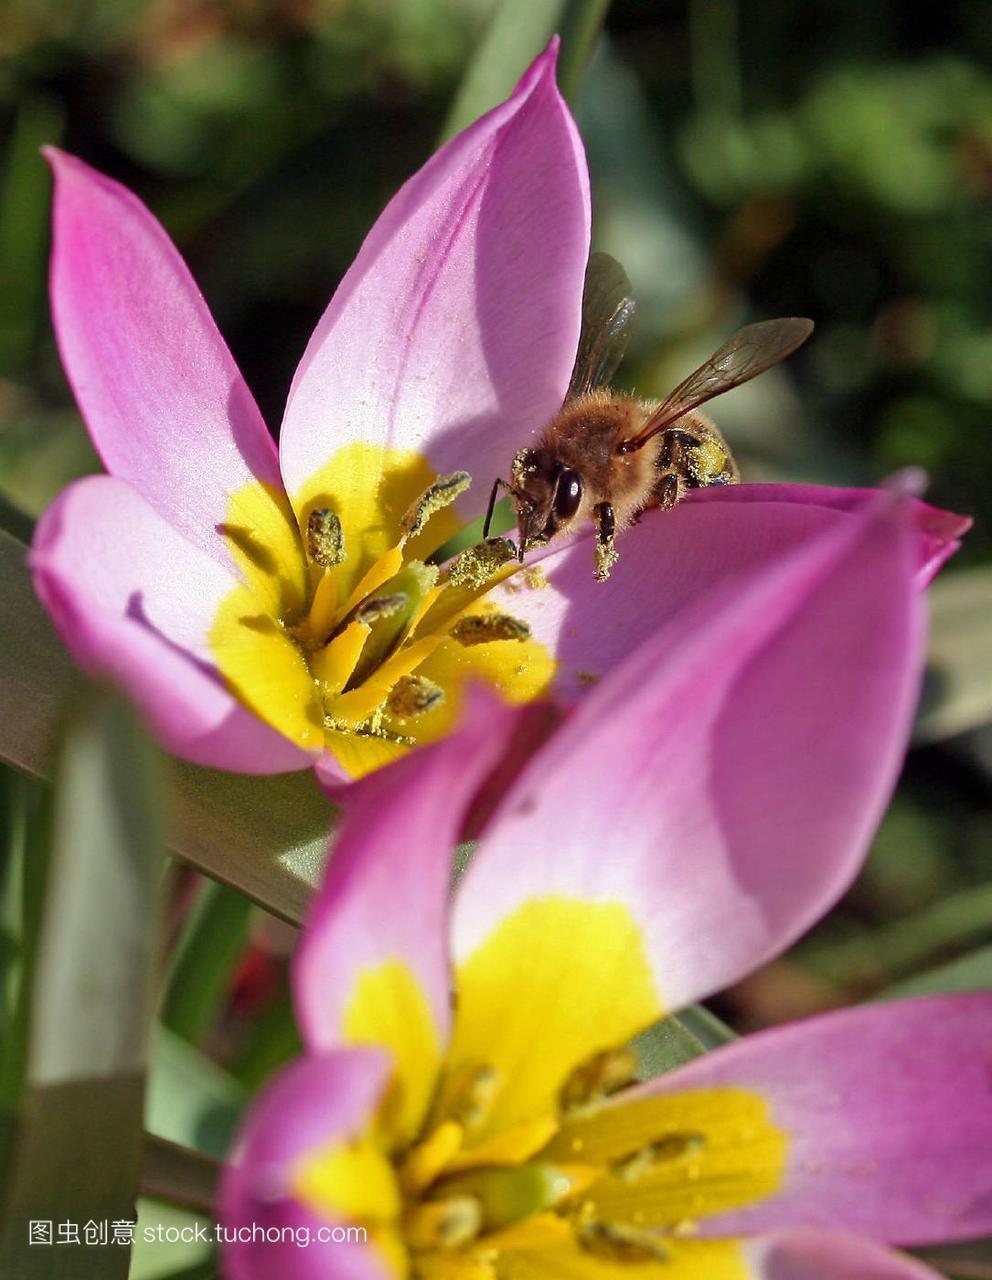 蜜蜂,animal,植物,insect,昆虫,flower,语声,plant,a蜜蜂猜成花卉动物图片